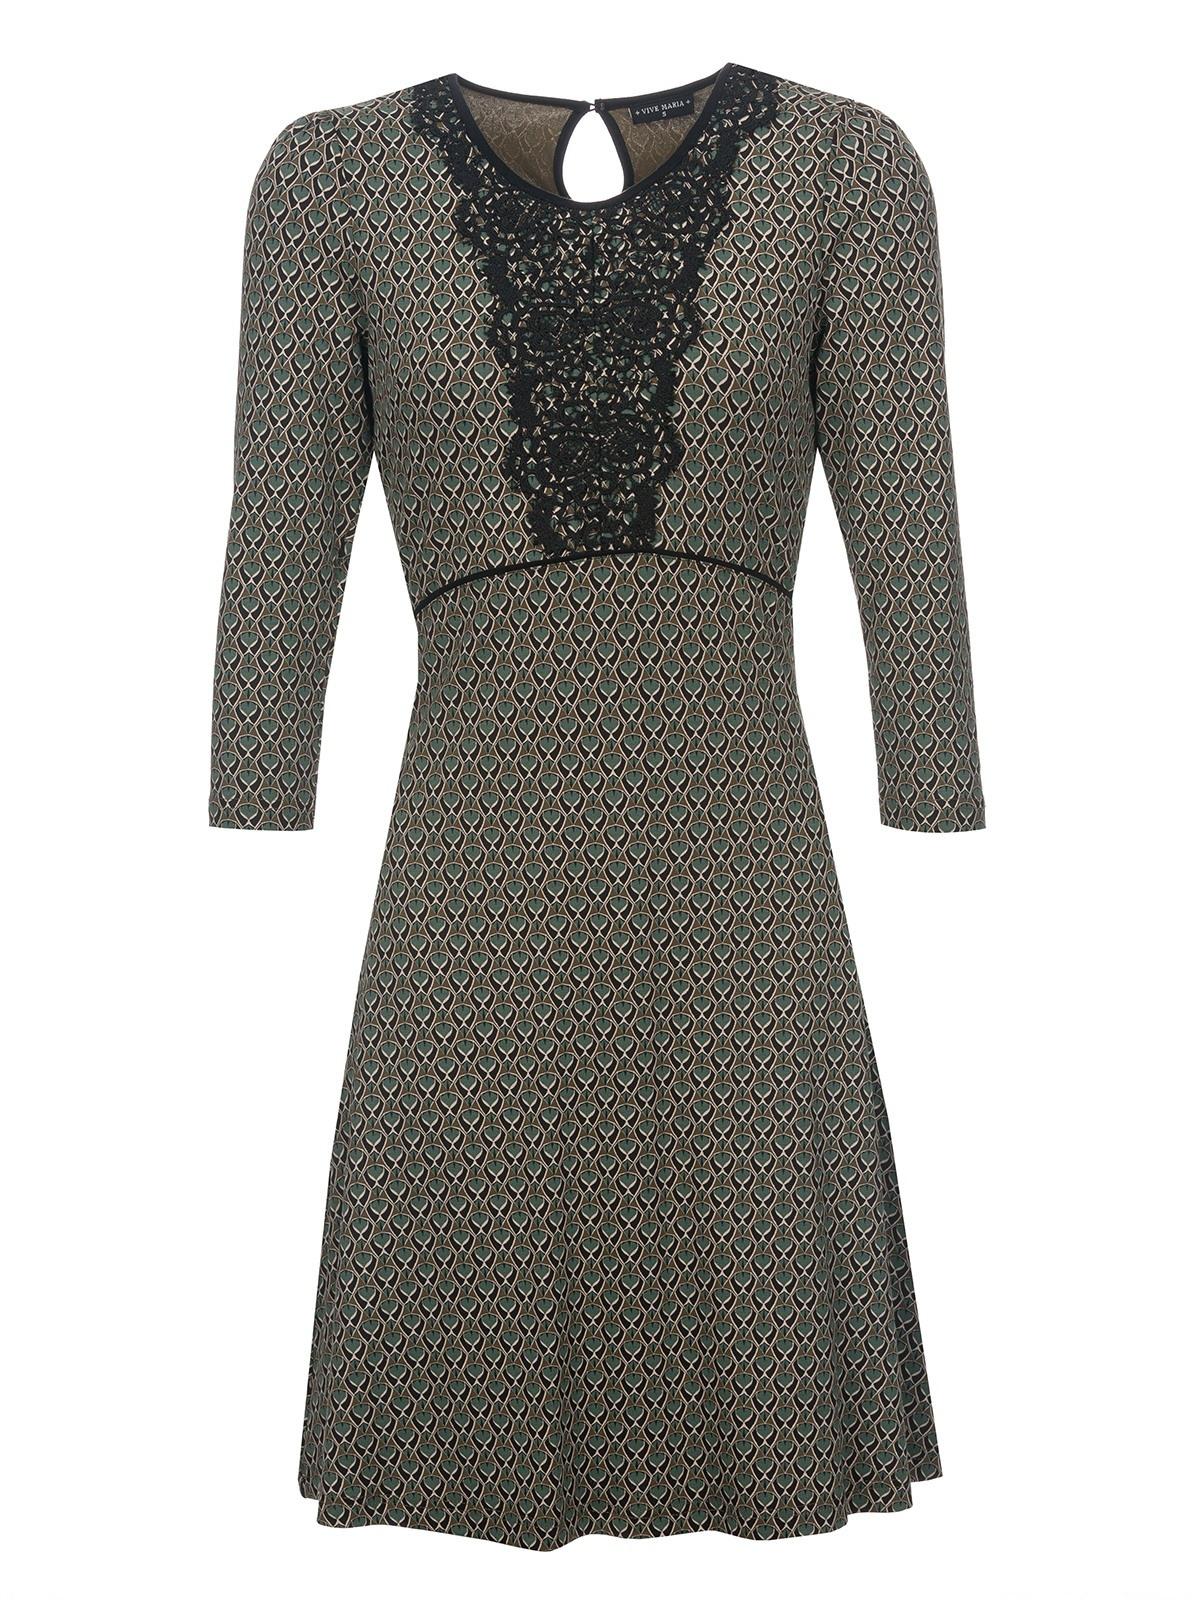 Designer Coolste Zara Abend Kleid SpezialgebietFormal Genial Zara Abend Kleid Spezialgebiet